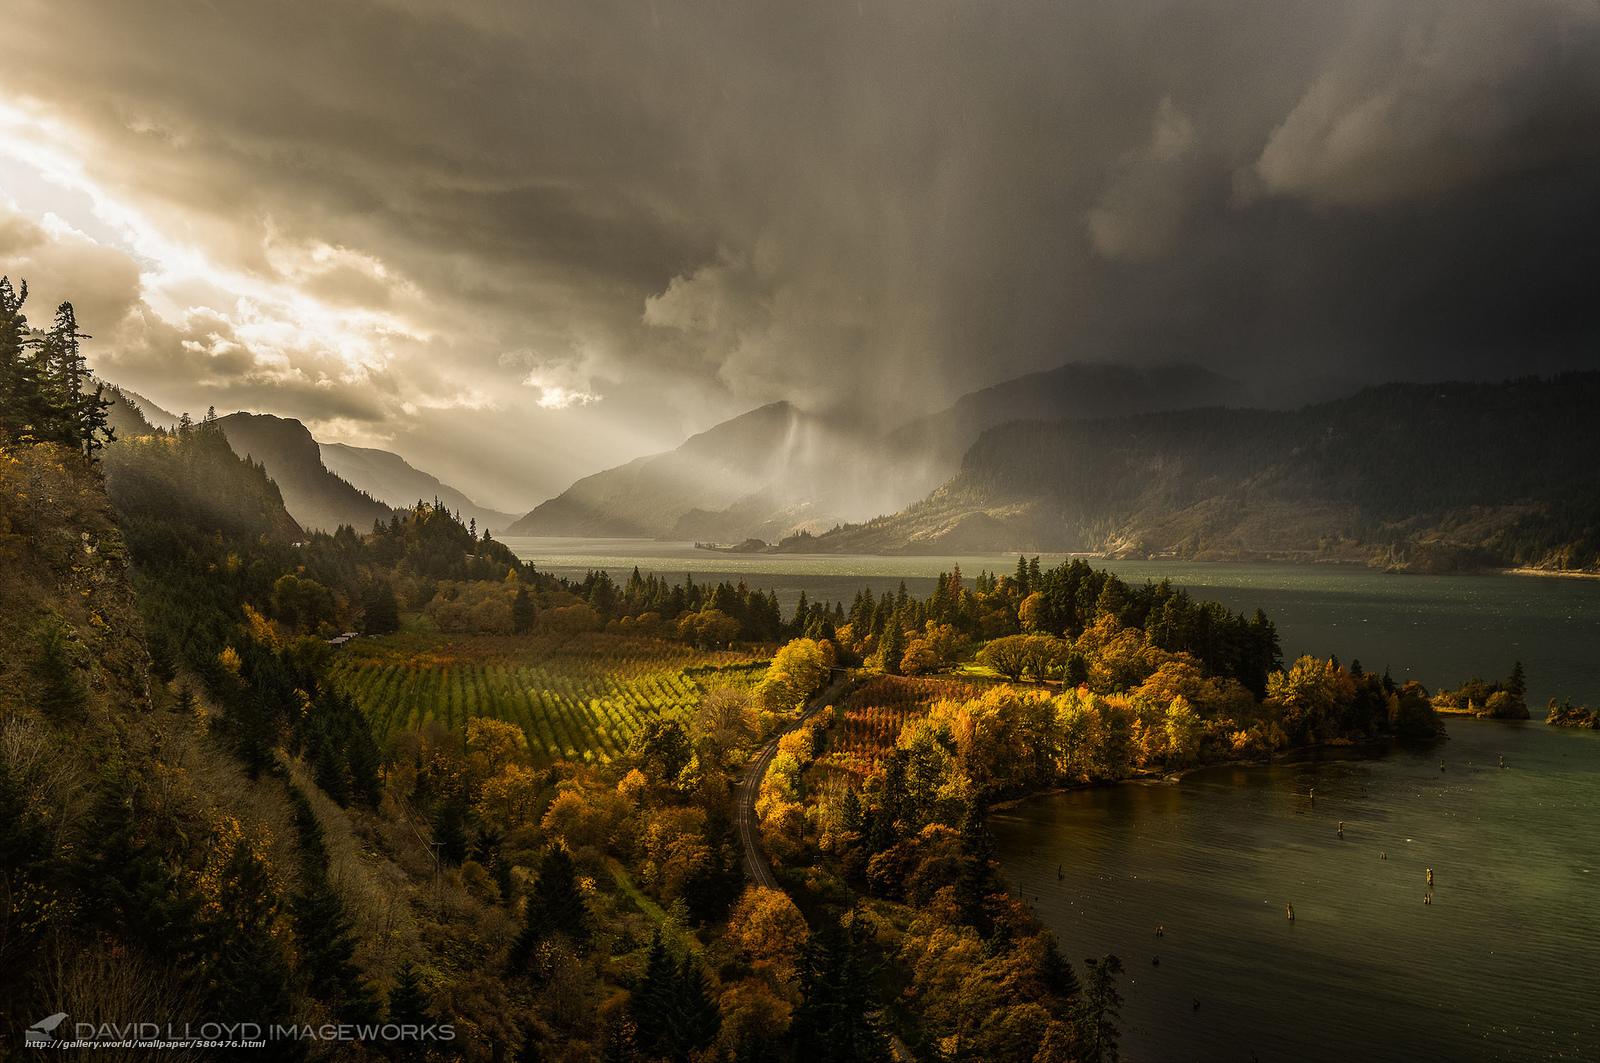 Скачать обои свет,  Колумбия,  река,  осень бесплатно для рабочего стола в разрешении 2048x1360 — картинка №580476